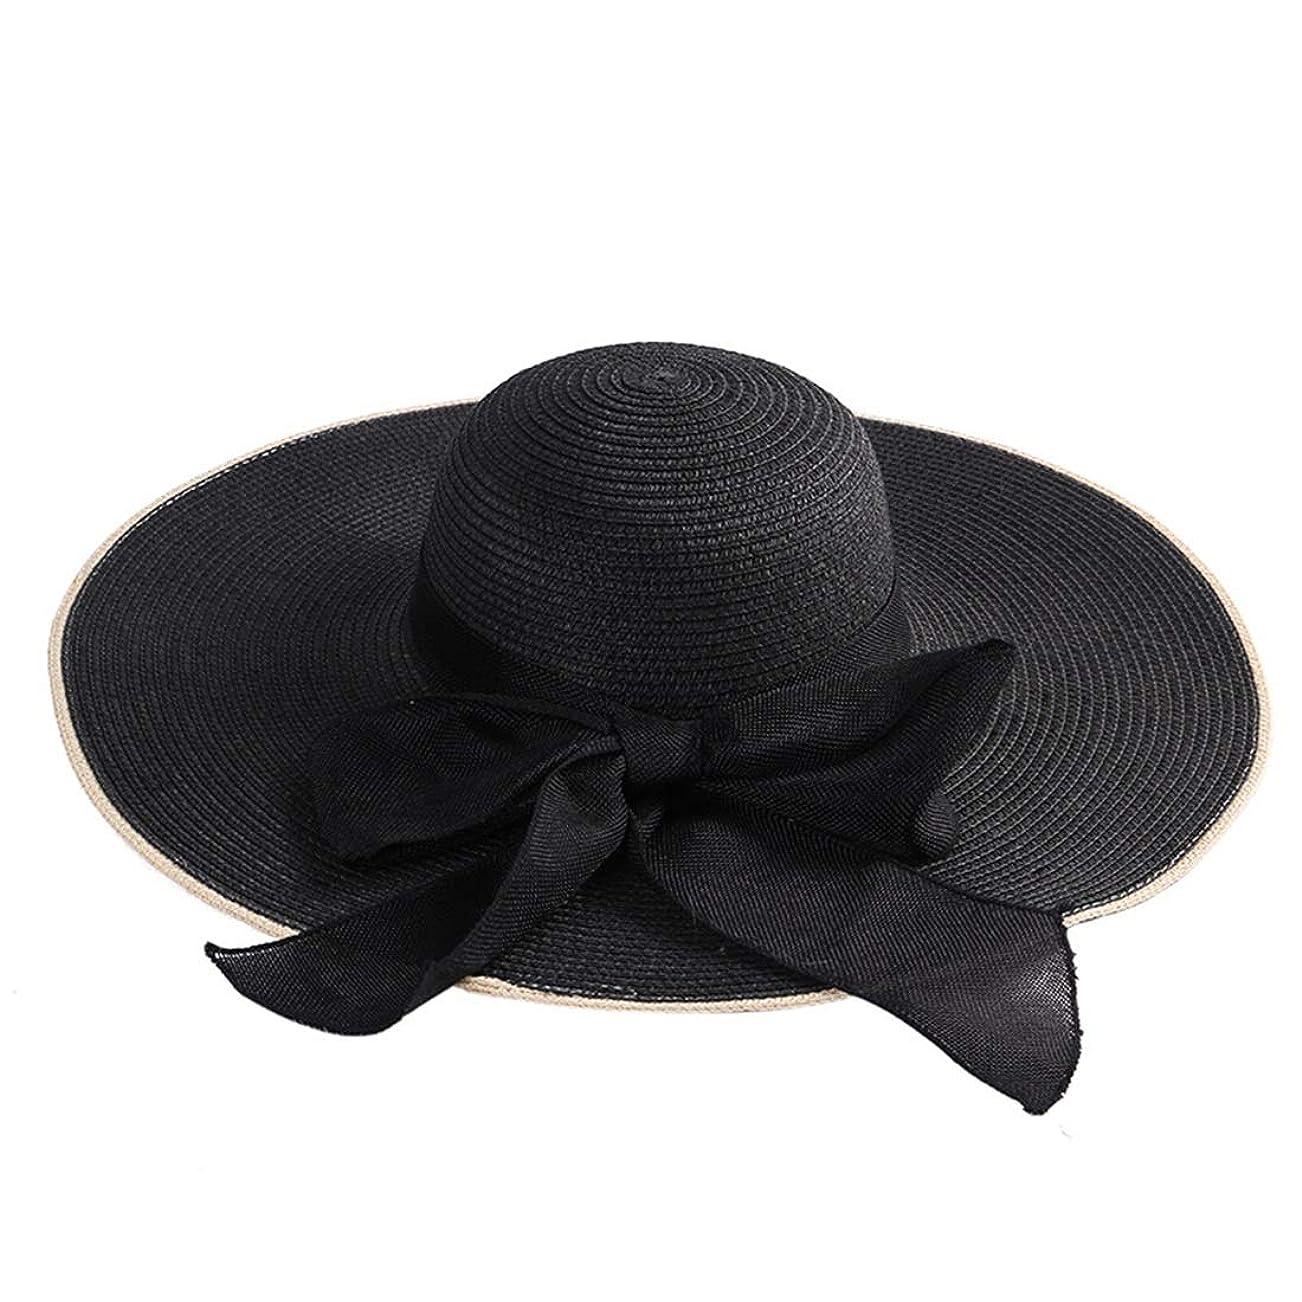 バスト一般化する不快日よけ 弓無地麦わら帽子の女性の夏の旅行日曜日の帽子 おしゃれ (色 : 黒)